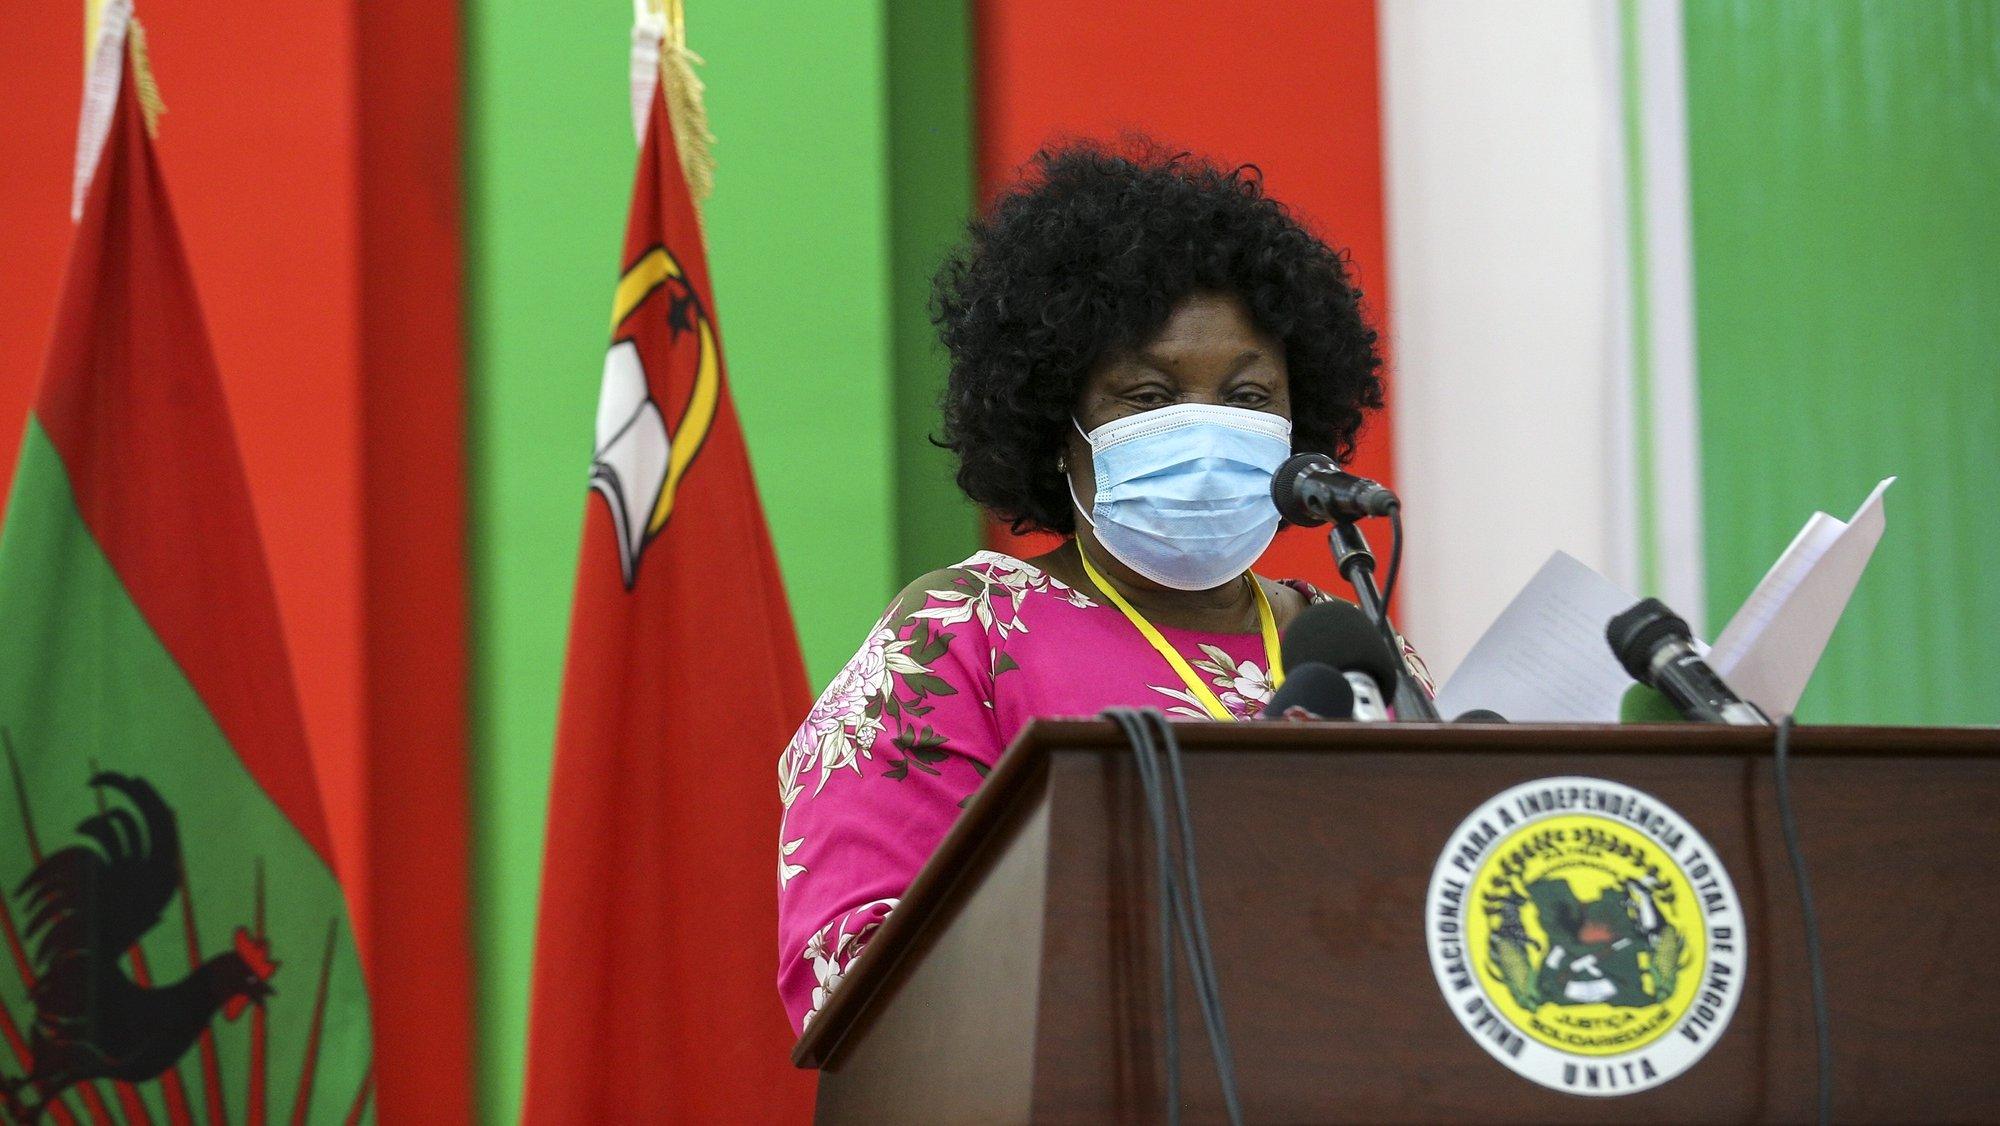 O principal partido da oposição angolana, UNITA, anunciou hoje que o seu XIII Congresso, em que será escolhido um novo líder para o partido, será realizado até 04 de dezembro de 2021 durante a primeira reunião extraordinária da comissão política da União Nacional para Independência Total de Angola (UNITA), Luanda, Angola, 20 de outubro de 2021. A necessidade de realização de um novo Congresso foi aprovada com 222 votos favoráveis, um voto contra e 11 abstenções. AMPE ROGÉRIO/LUSA